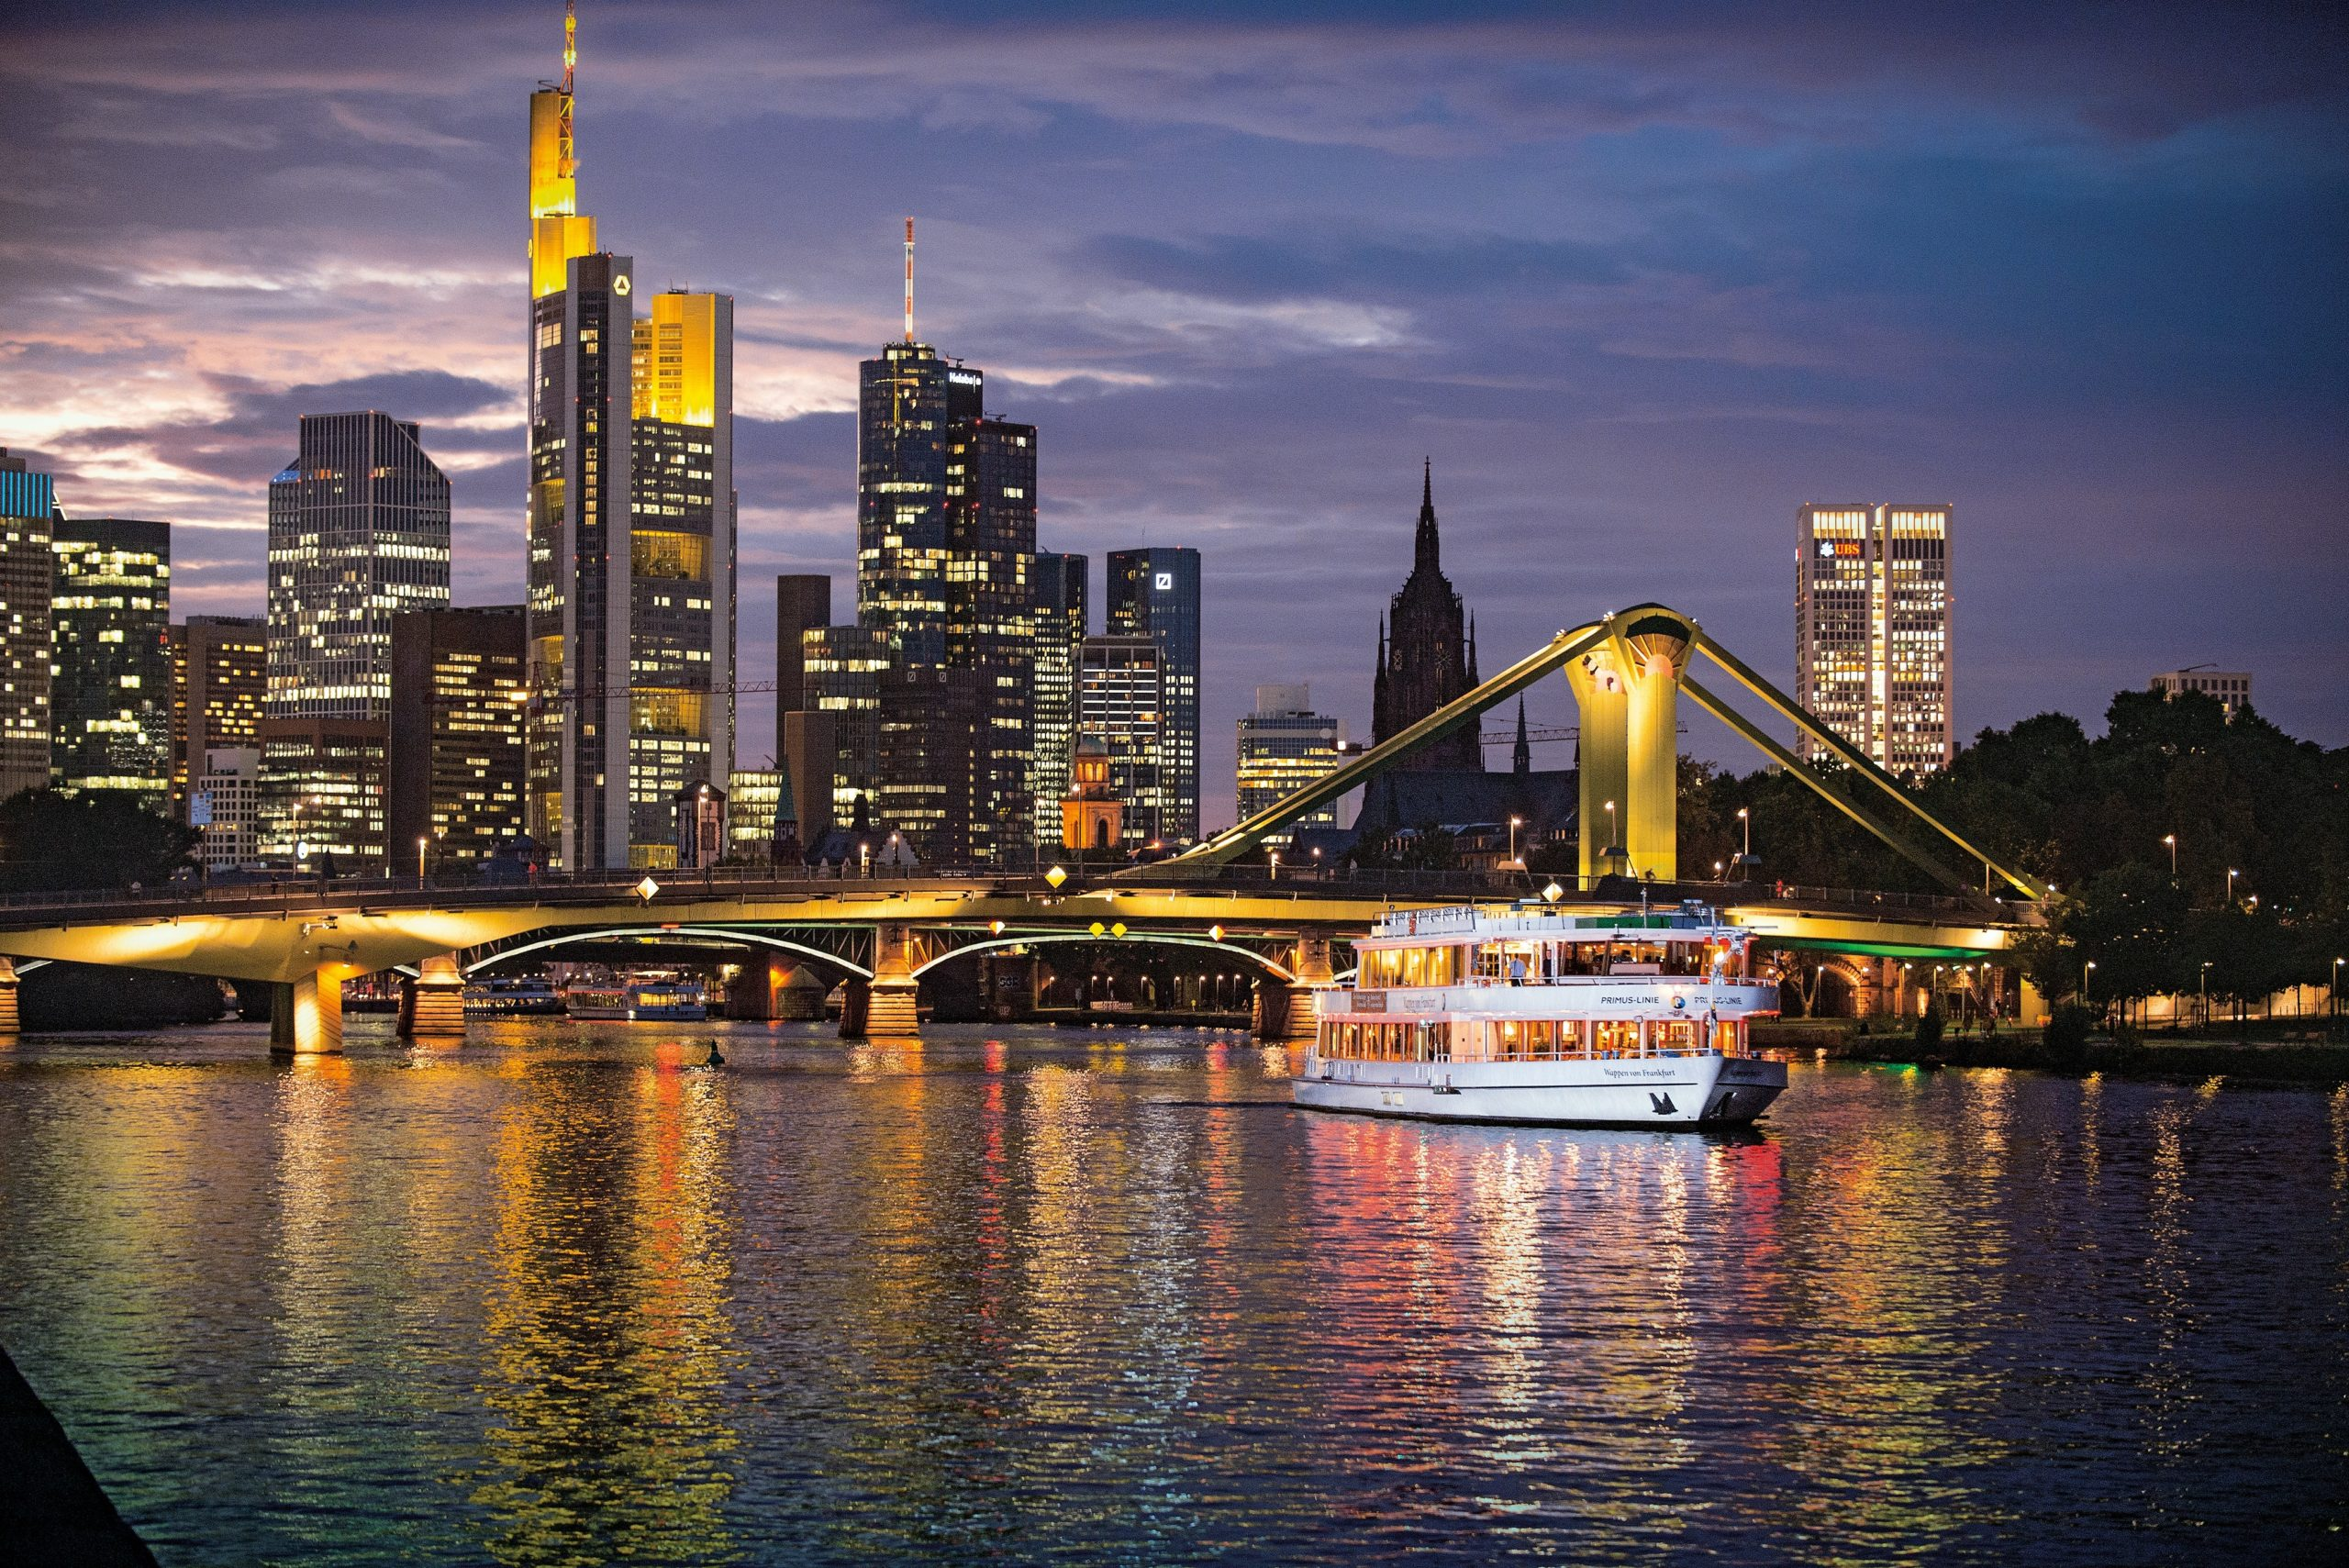 Urlaub auf dem Wasser © Frankfurter Personenschiffahrt, Primus-Linie